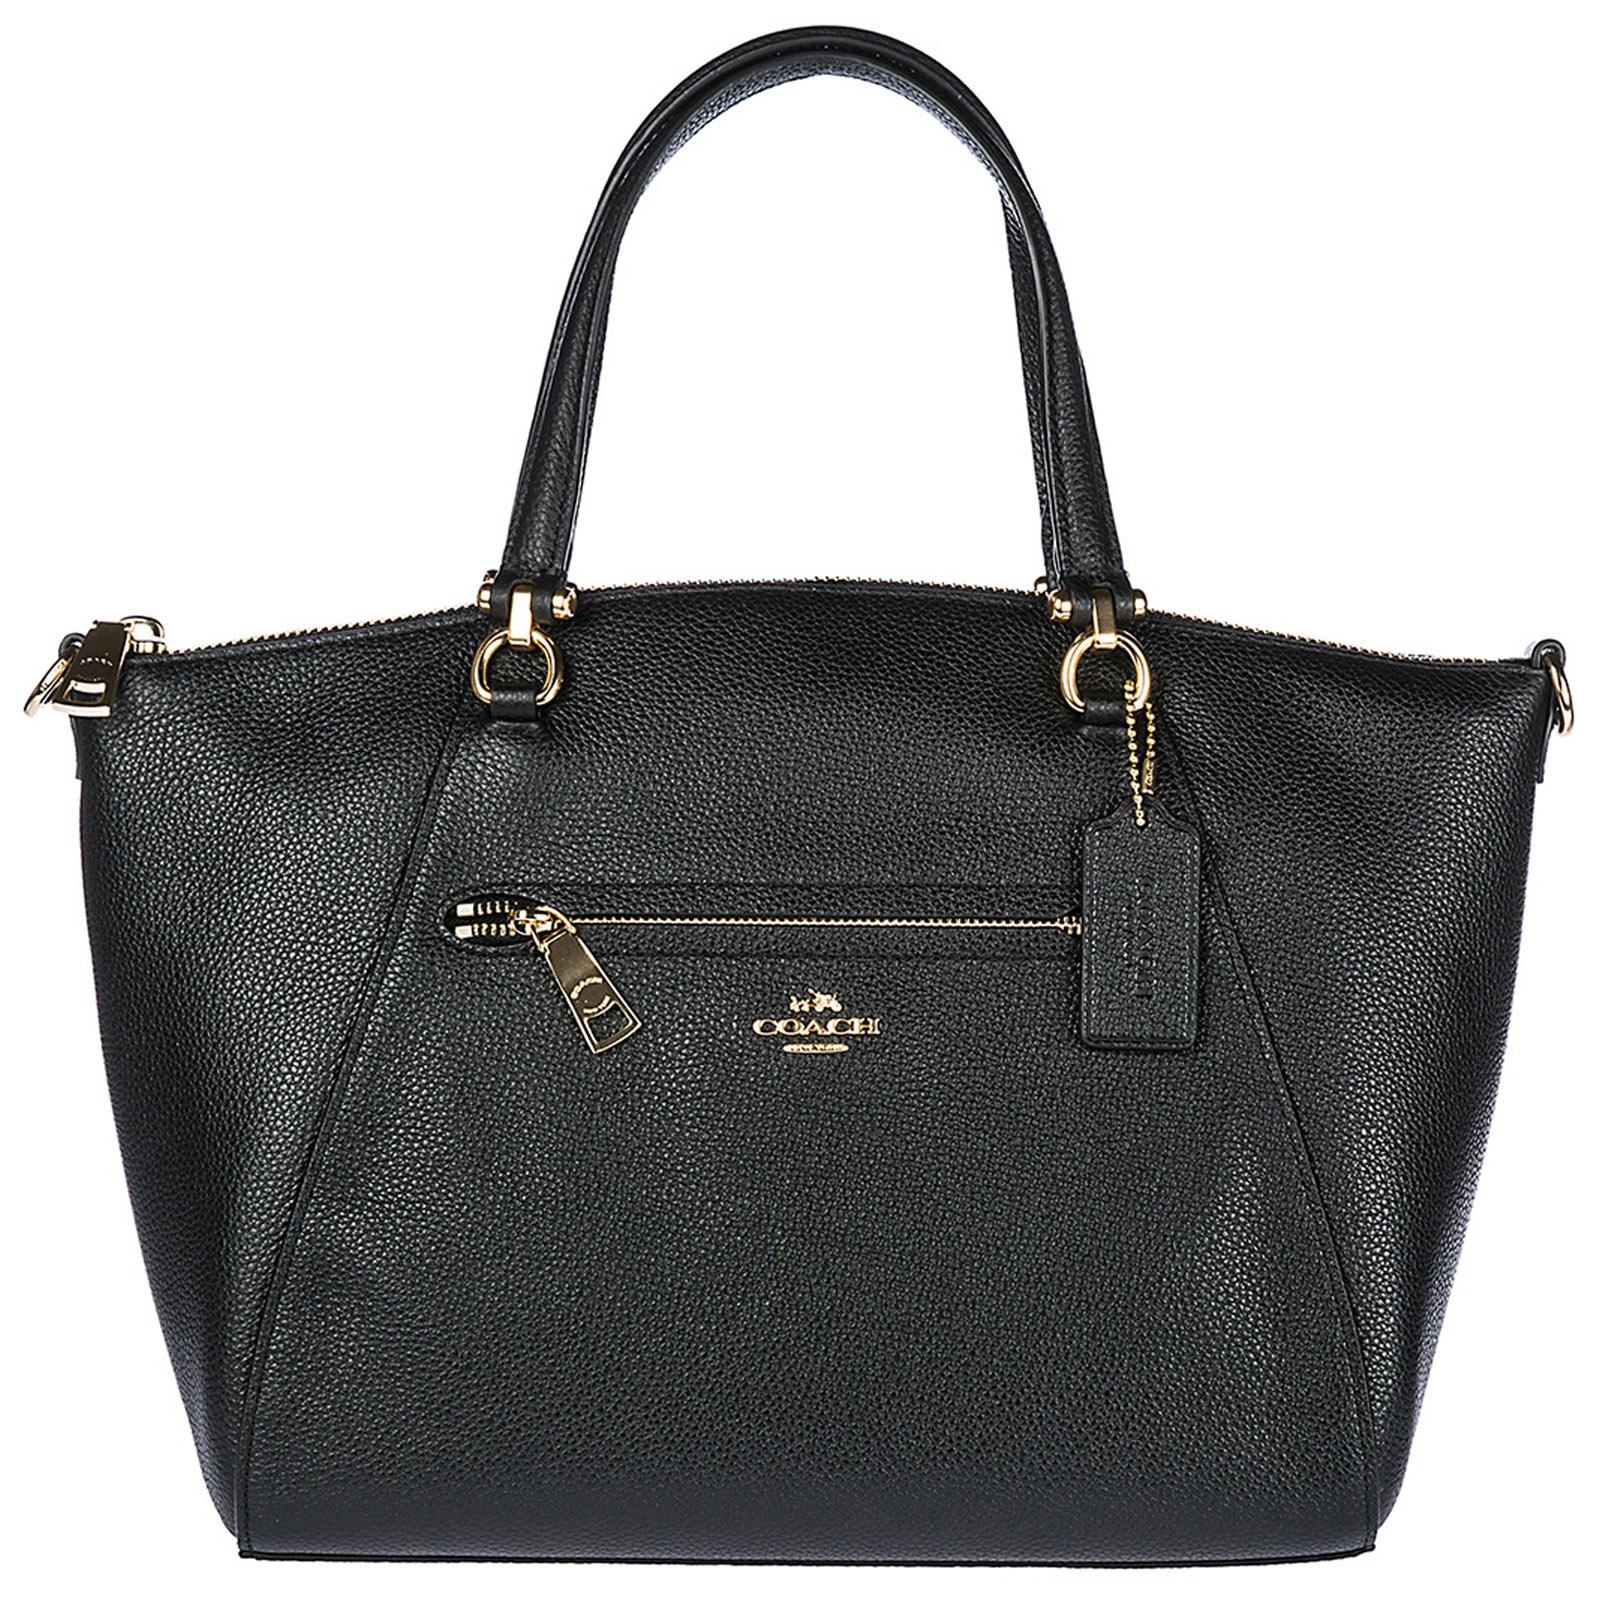 Borsa donna a mano shopping in pelle prairie satchel